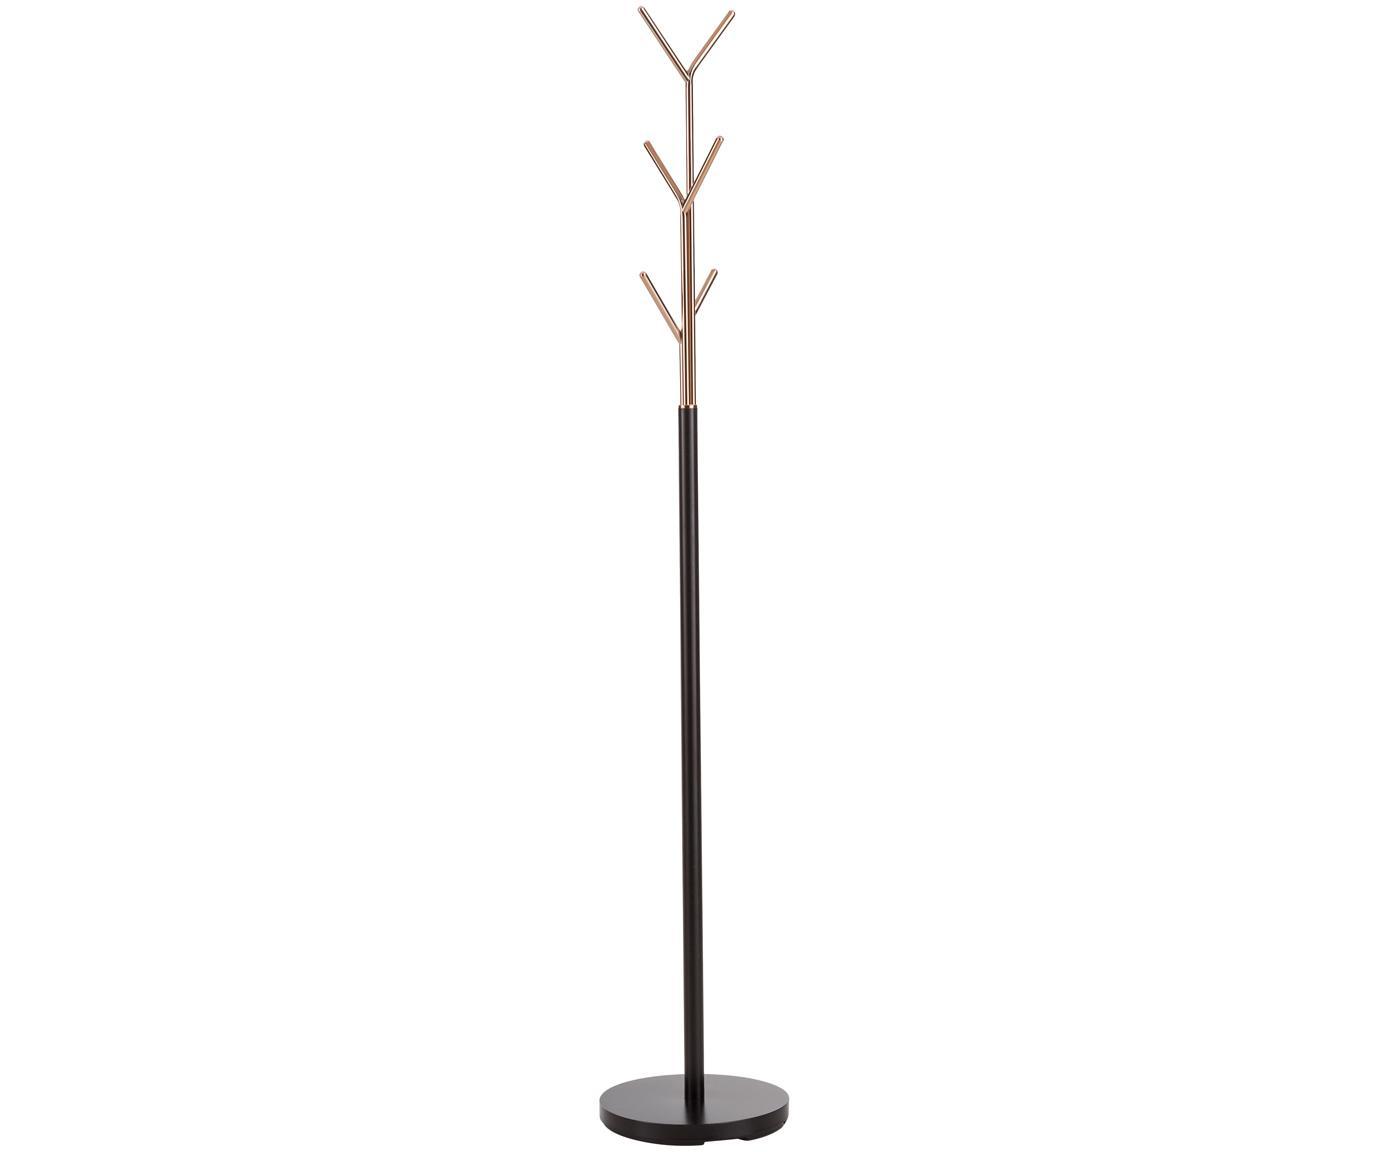 Perchero de pie London, 6ganchos, Estructura: acero tubular con pintura, Negro,cobre, Ø 31 x Al 177 cm